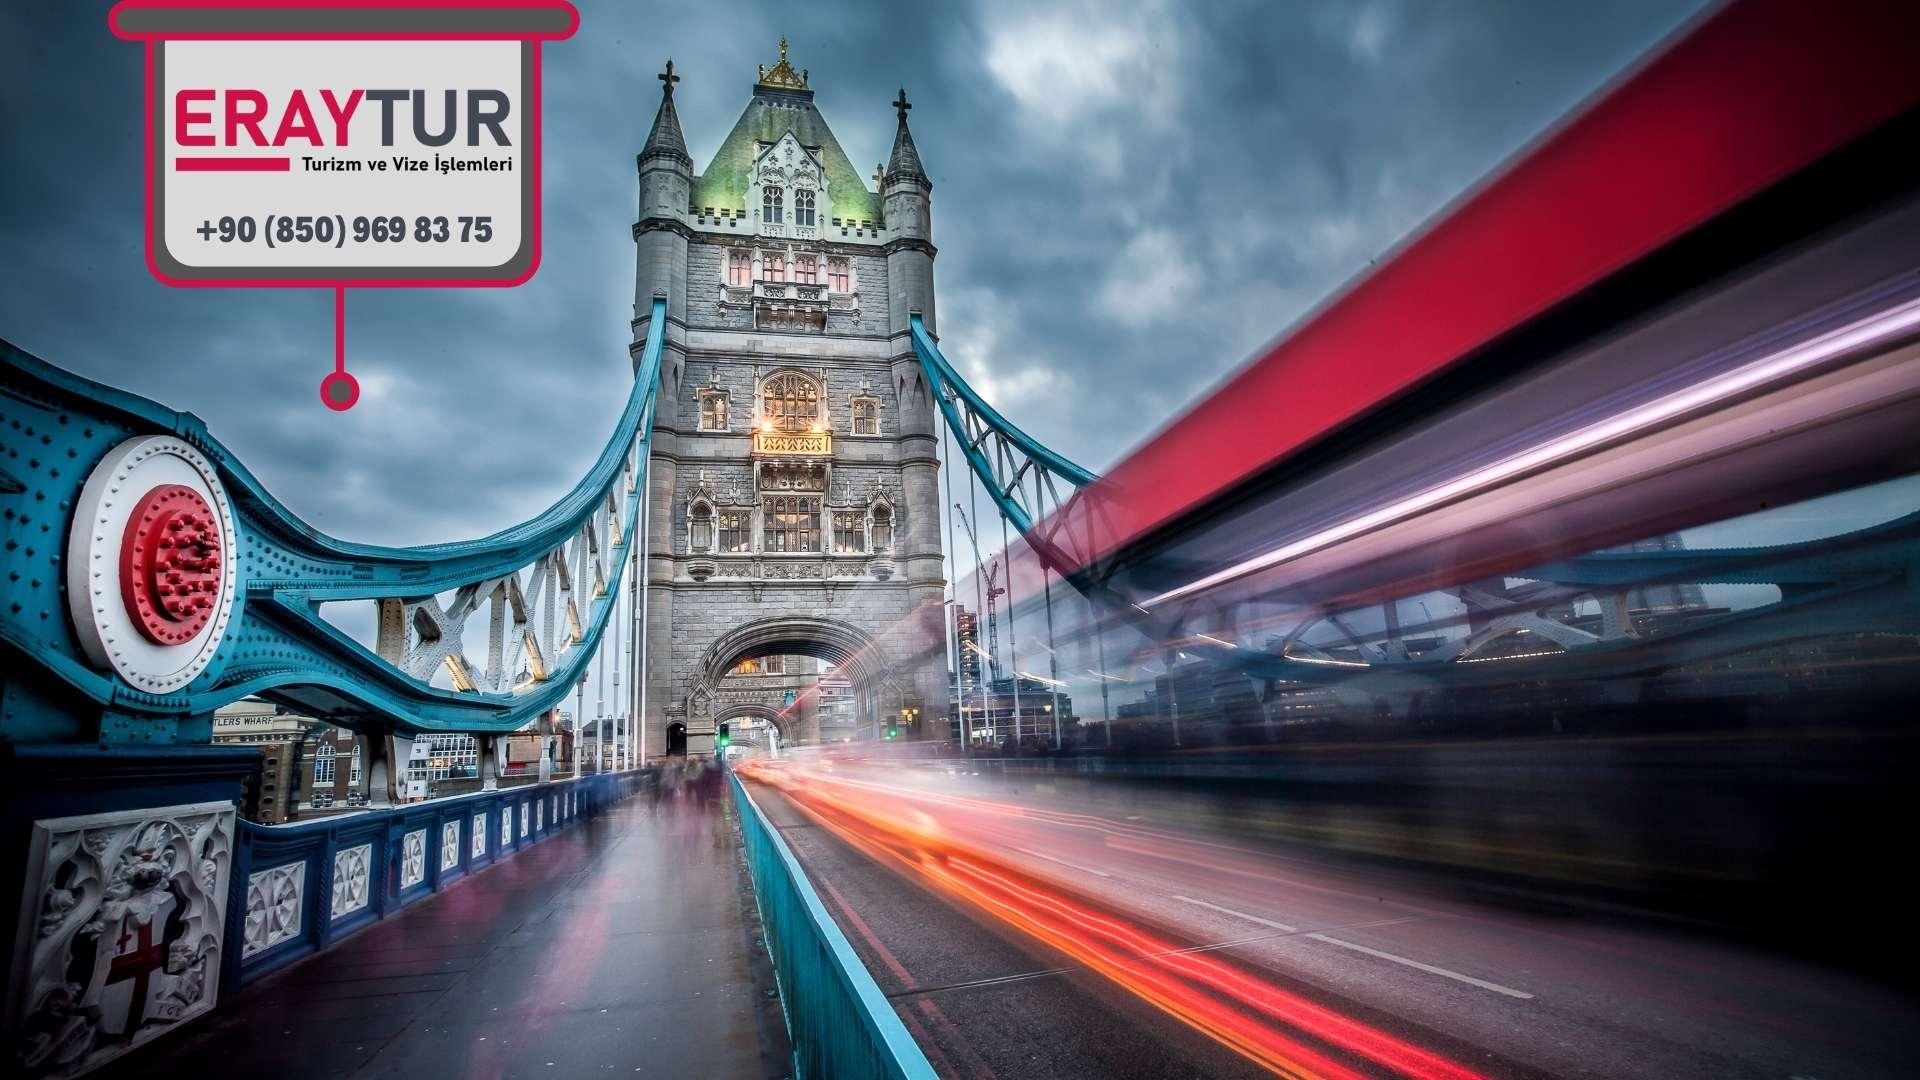 İngiltere Turistik Vize Çalışan Evrakları